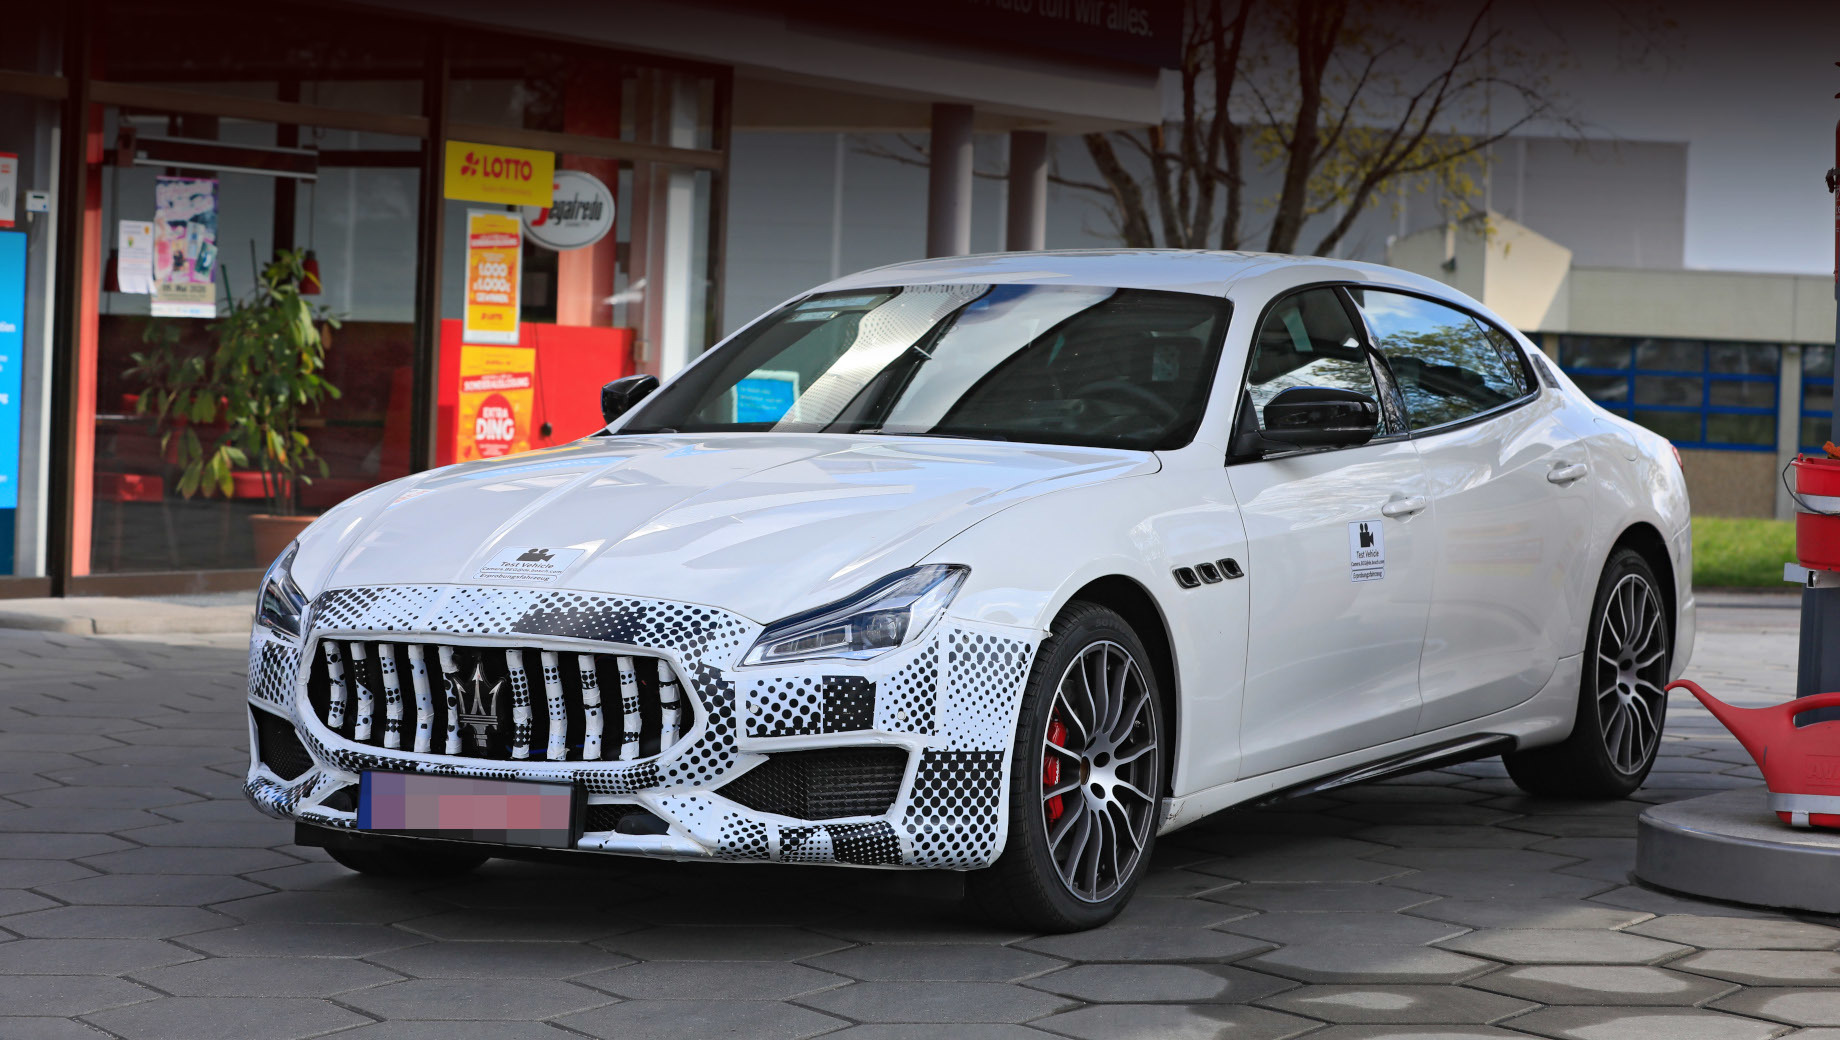 Maserati quattroporte. Форма бампера намекает, что мы имеем дело с модификацией GTS. Судя по маскировке носовой части, модель ожидают небольшие корректировки в воздухозаборниках и решётке радиатора.